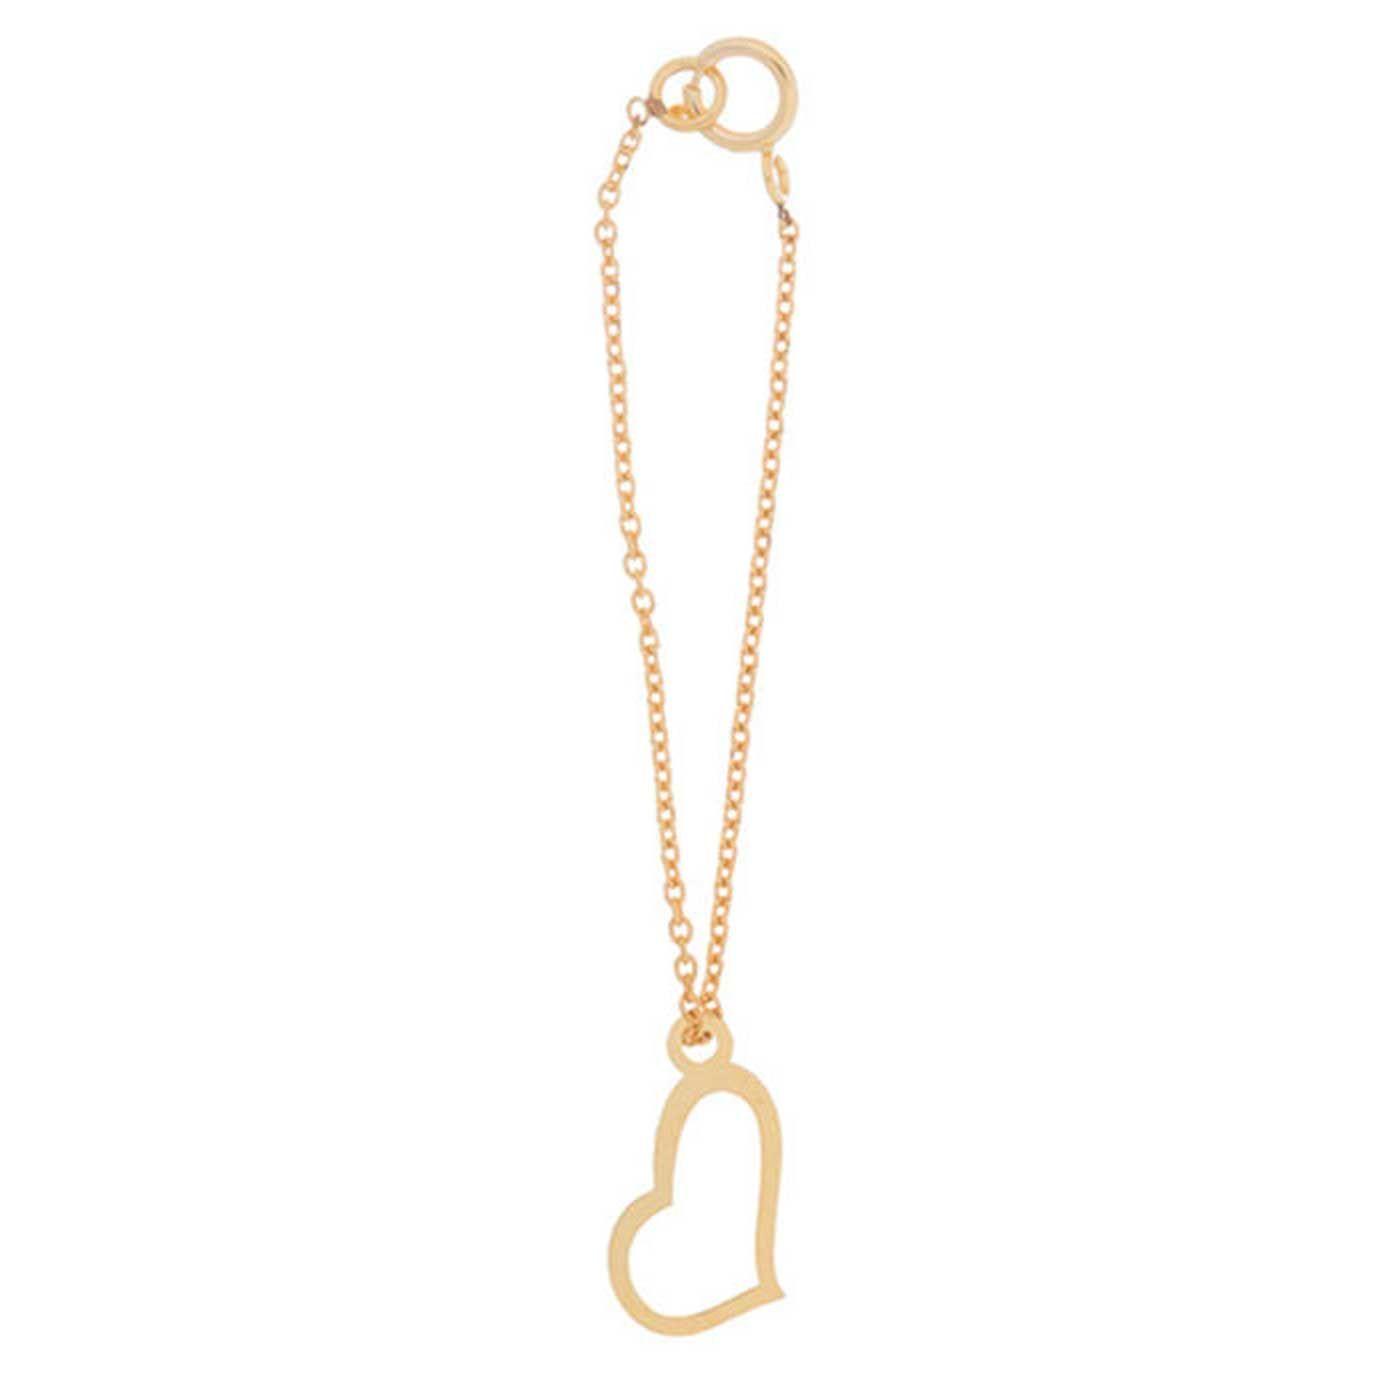 آویز ساعت طلا 18 عیار زنانه کانیار گالری کد AS56 -  - 1